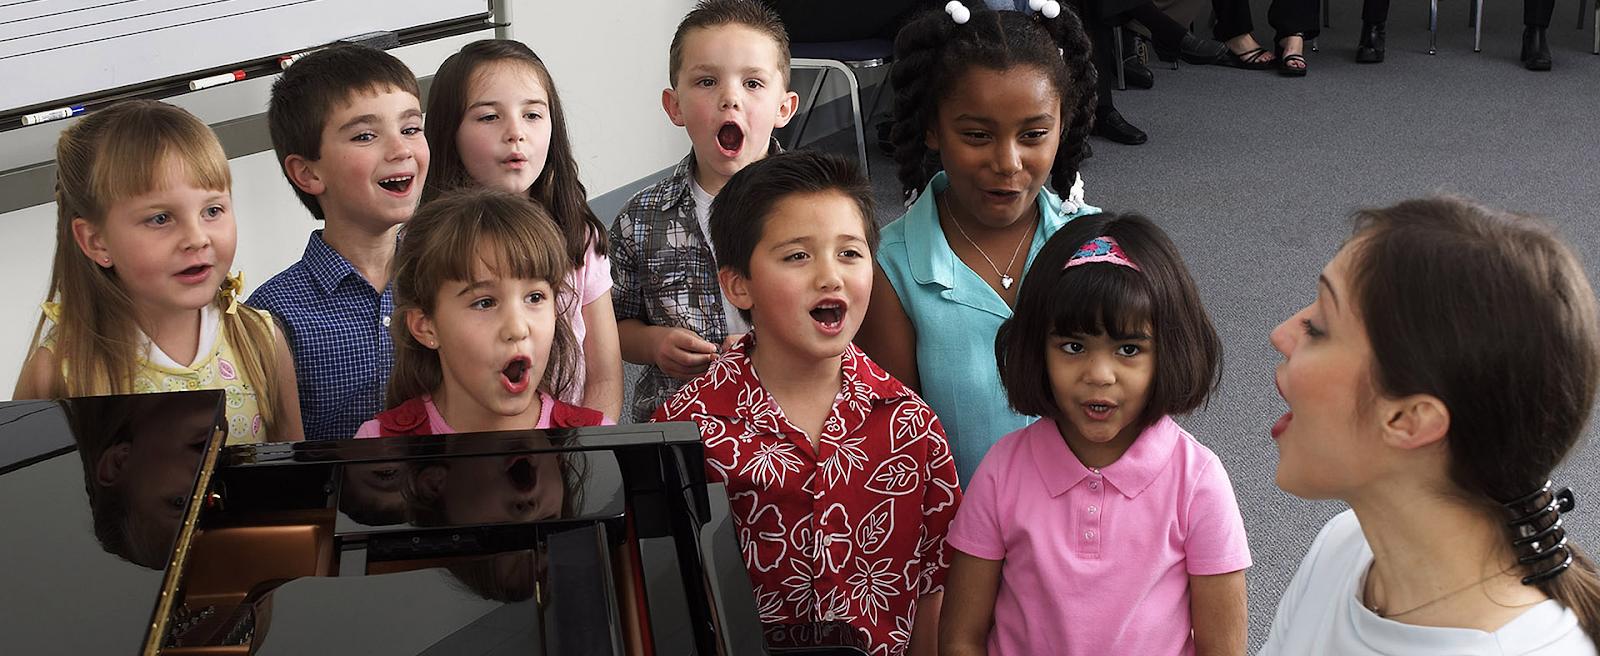 học thanh nhạc cho người mới bắt đầu